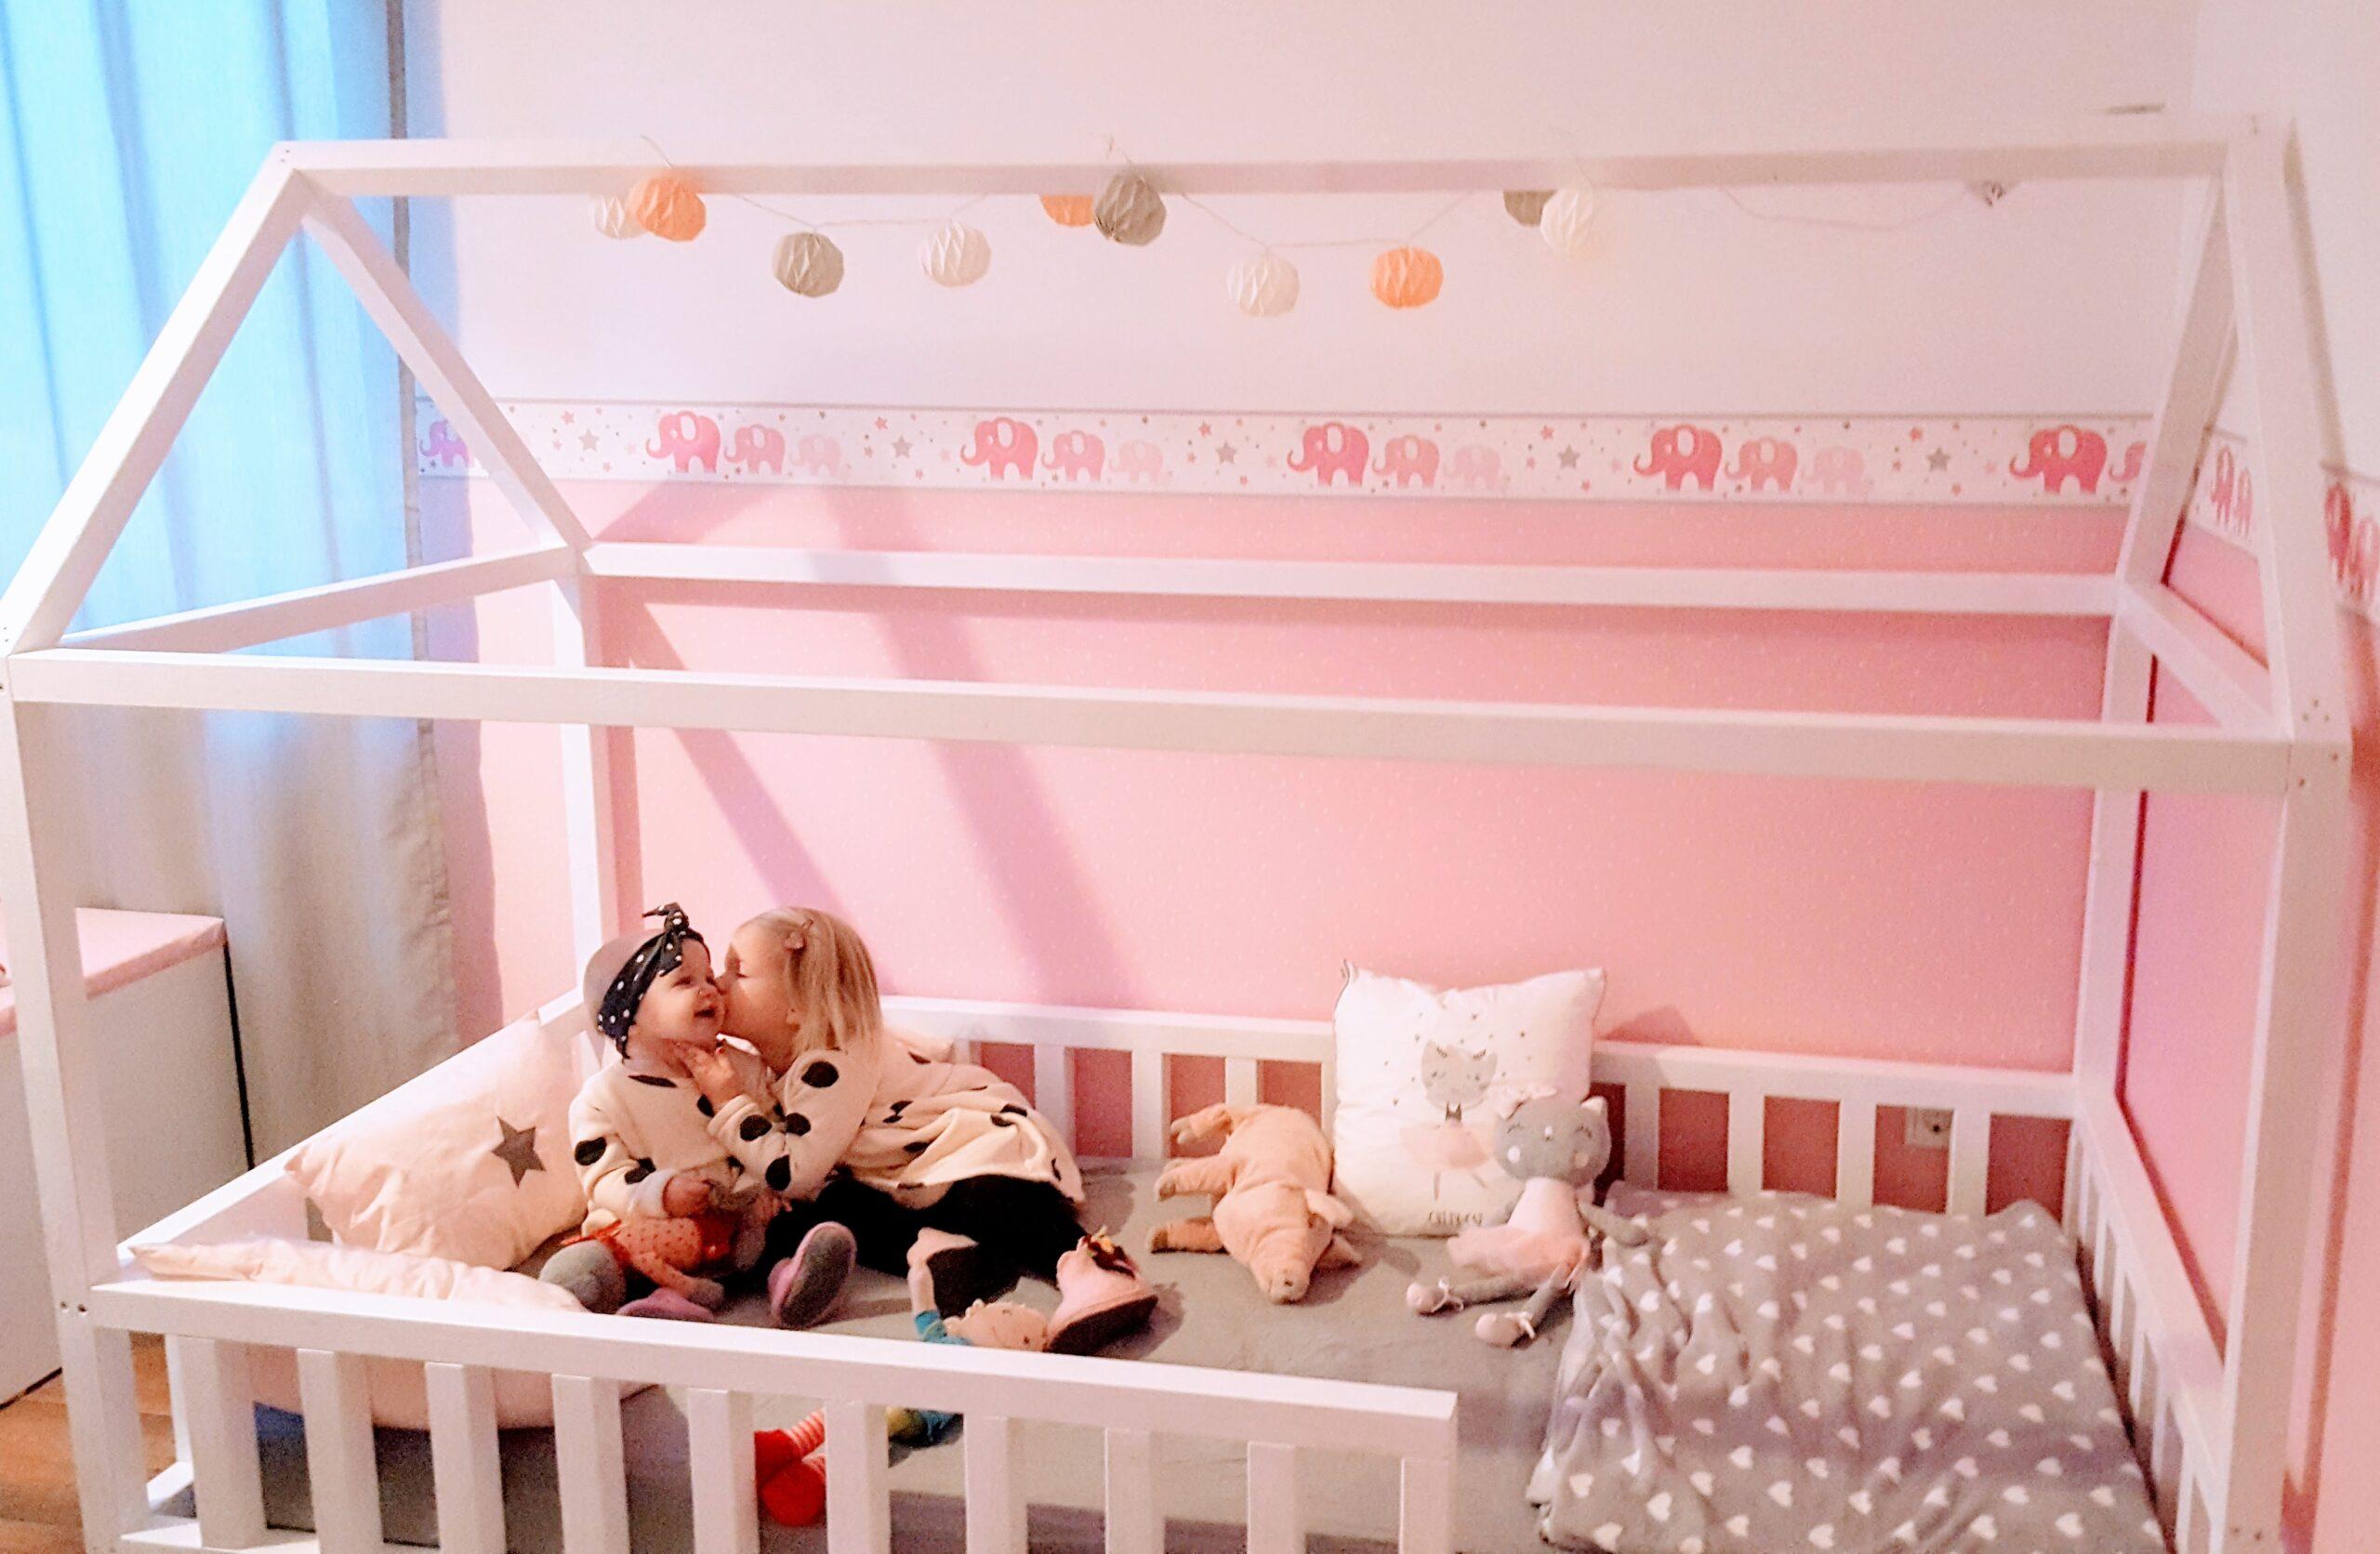 Full Size of Hausbett Fr Kinderspielturm Garten Regal Kinderzimmer Weiß Kinder Spielküche Regale Kinderschaukel Bett Konzentrationsschwäche Bei Schulkindern Sofa Betten Wohnzimmer Hausbett Kinder